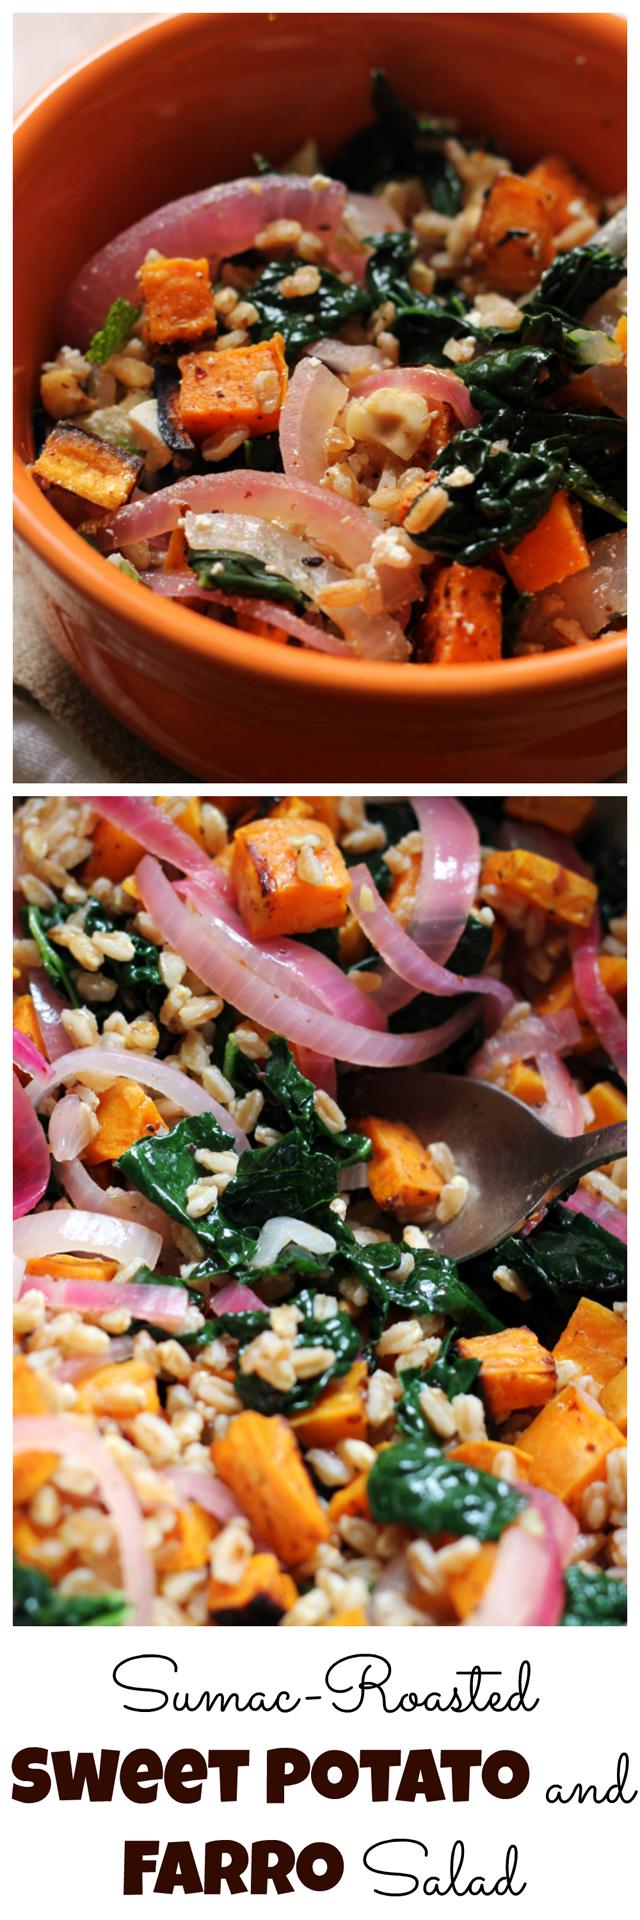 sumac-roasted sweet potato and farro salad